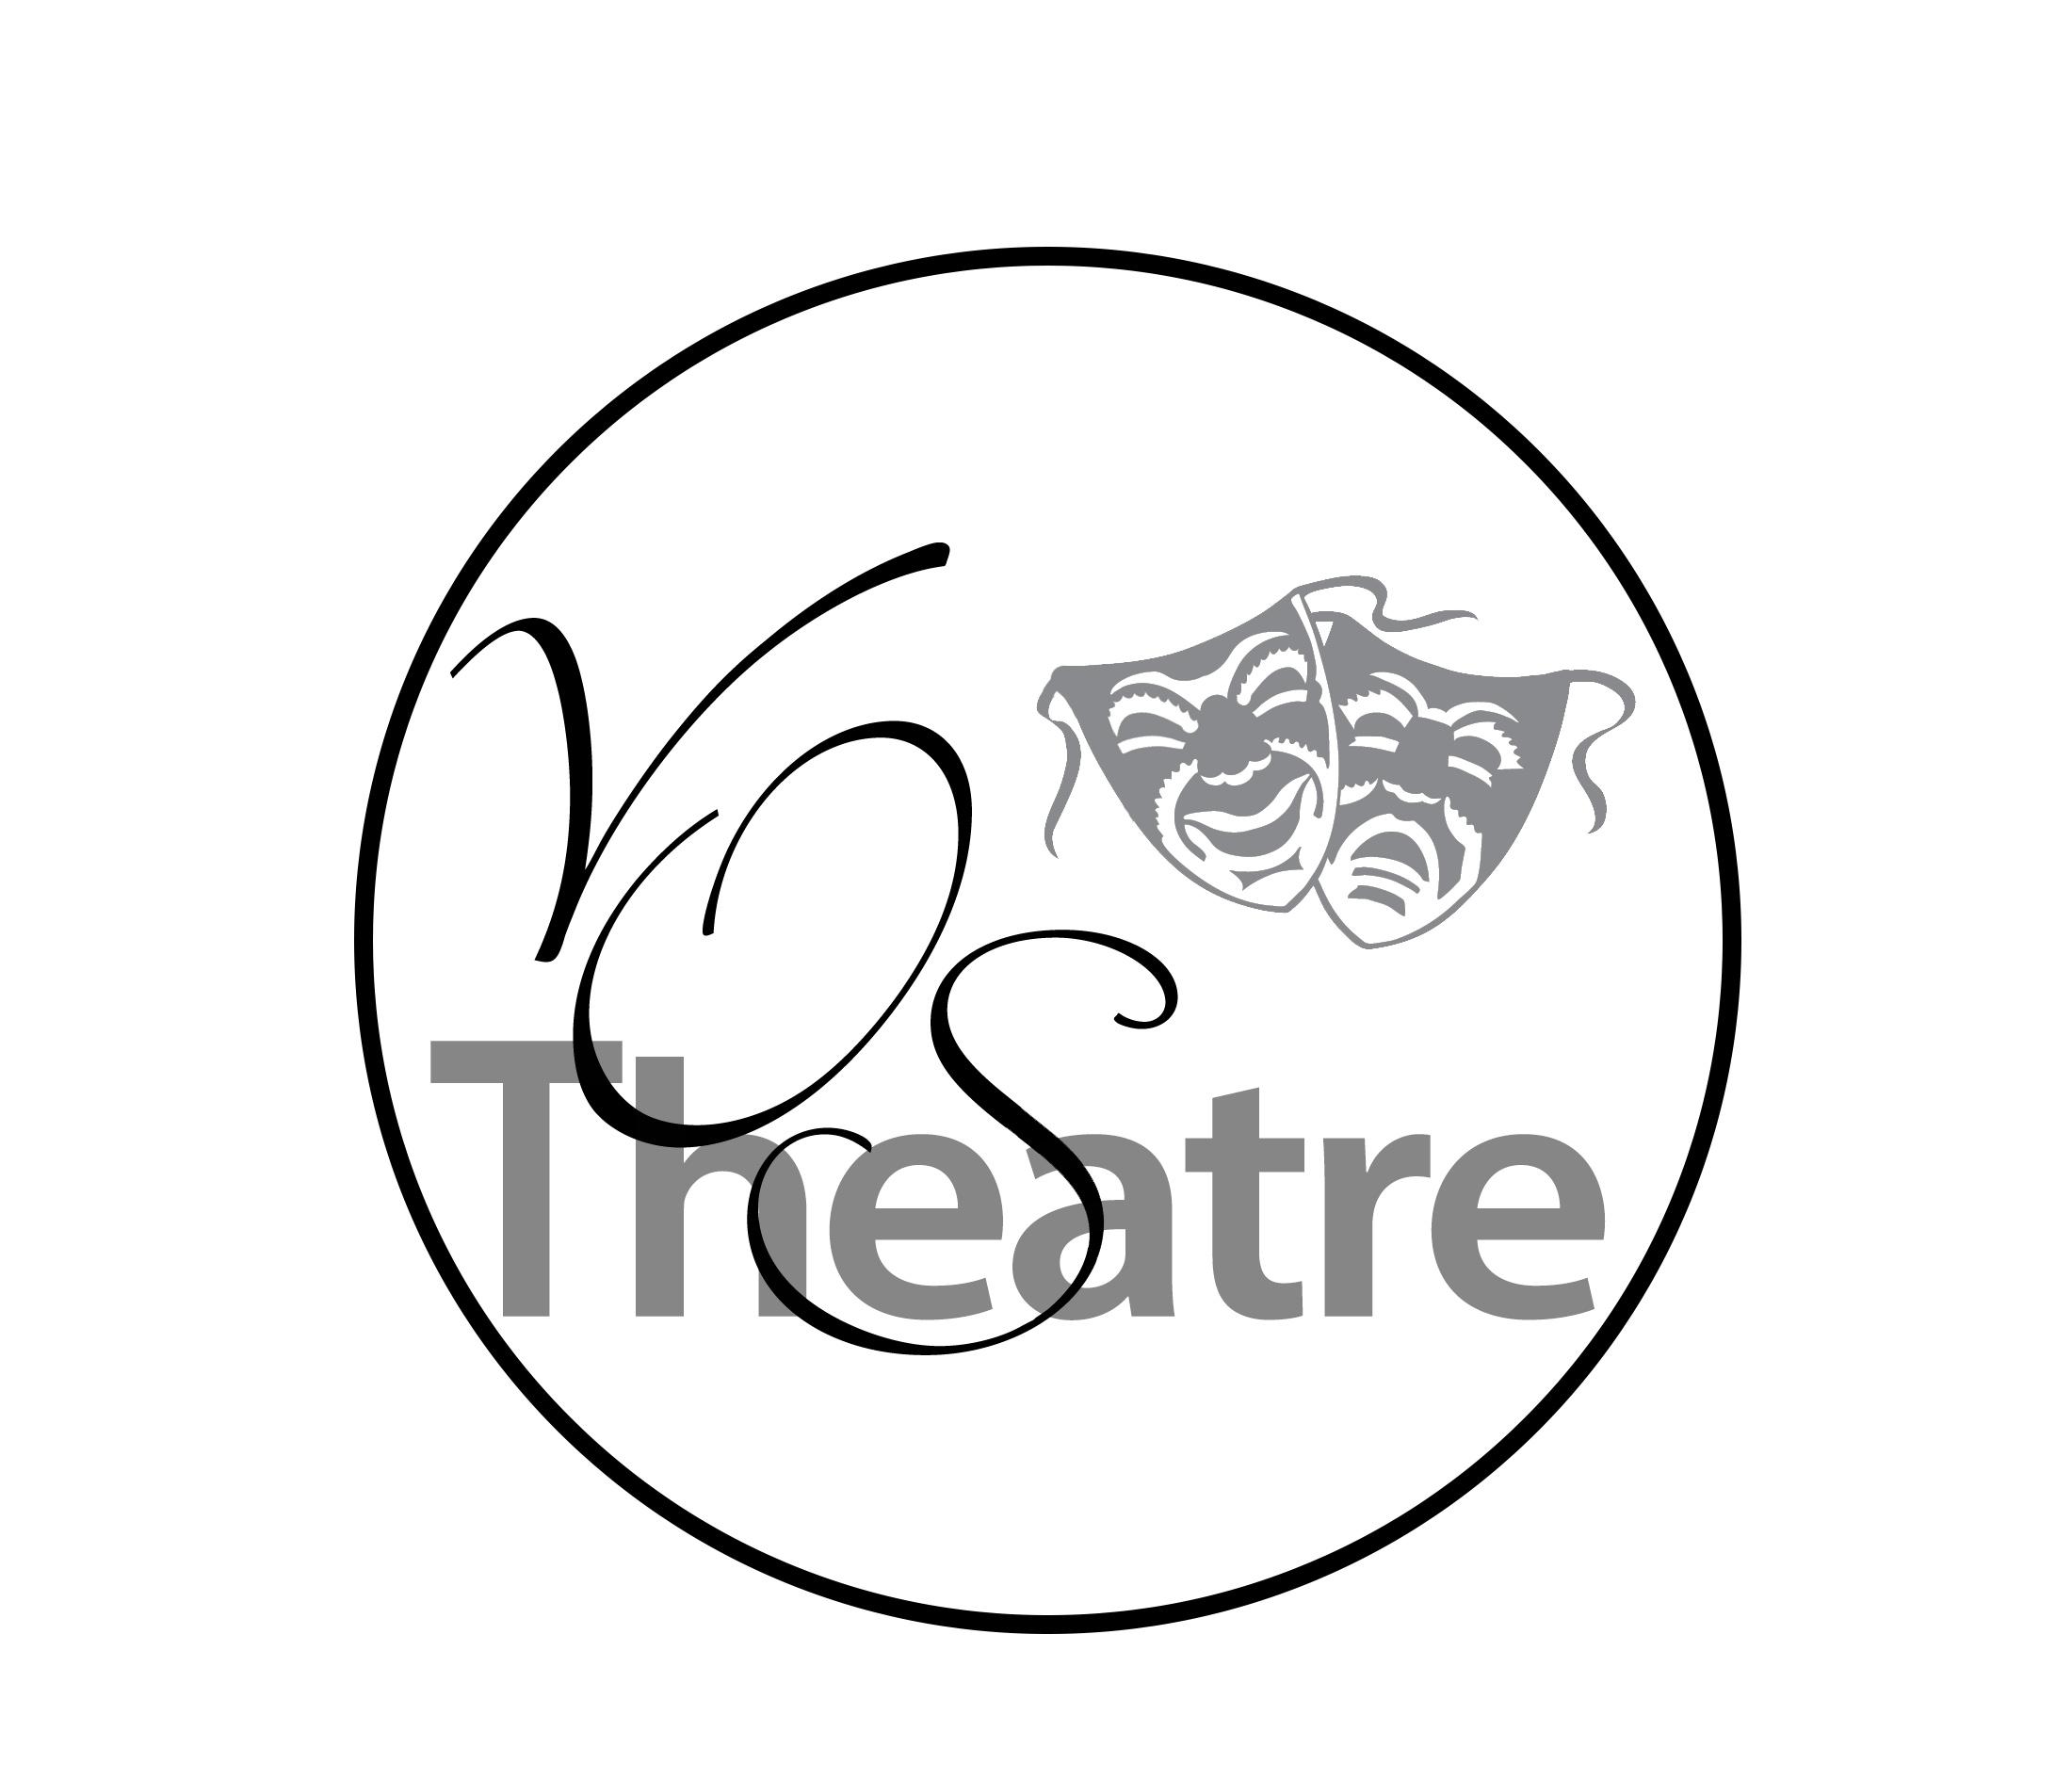 VOS Theatre